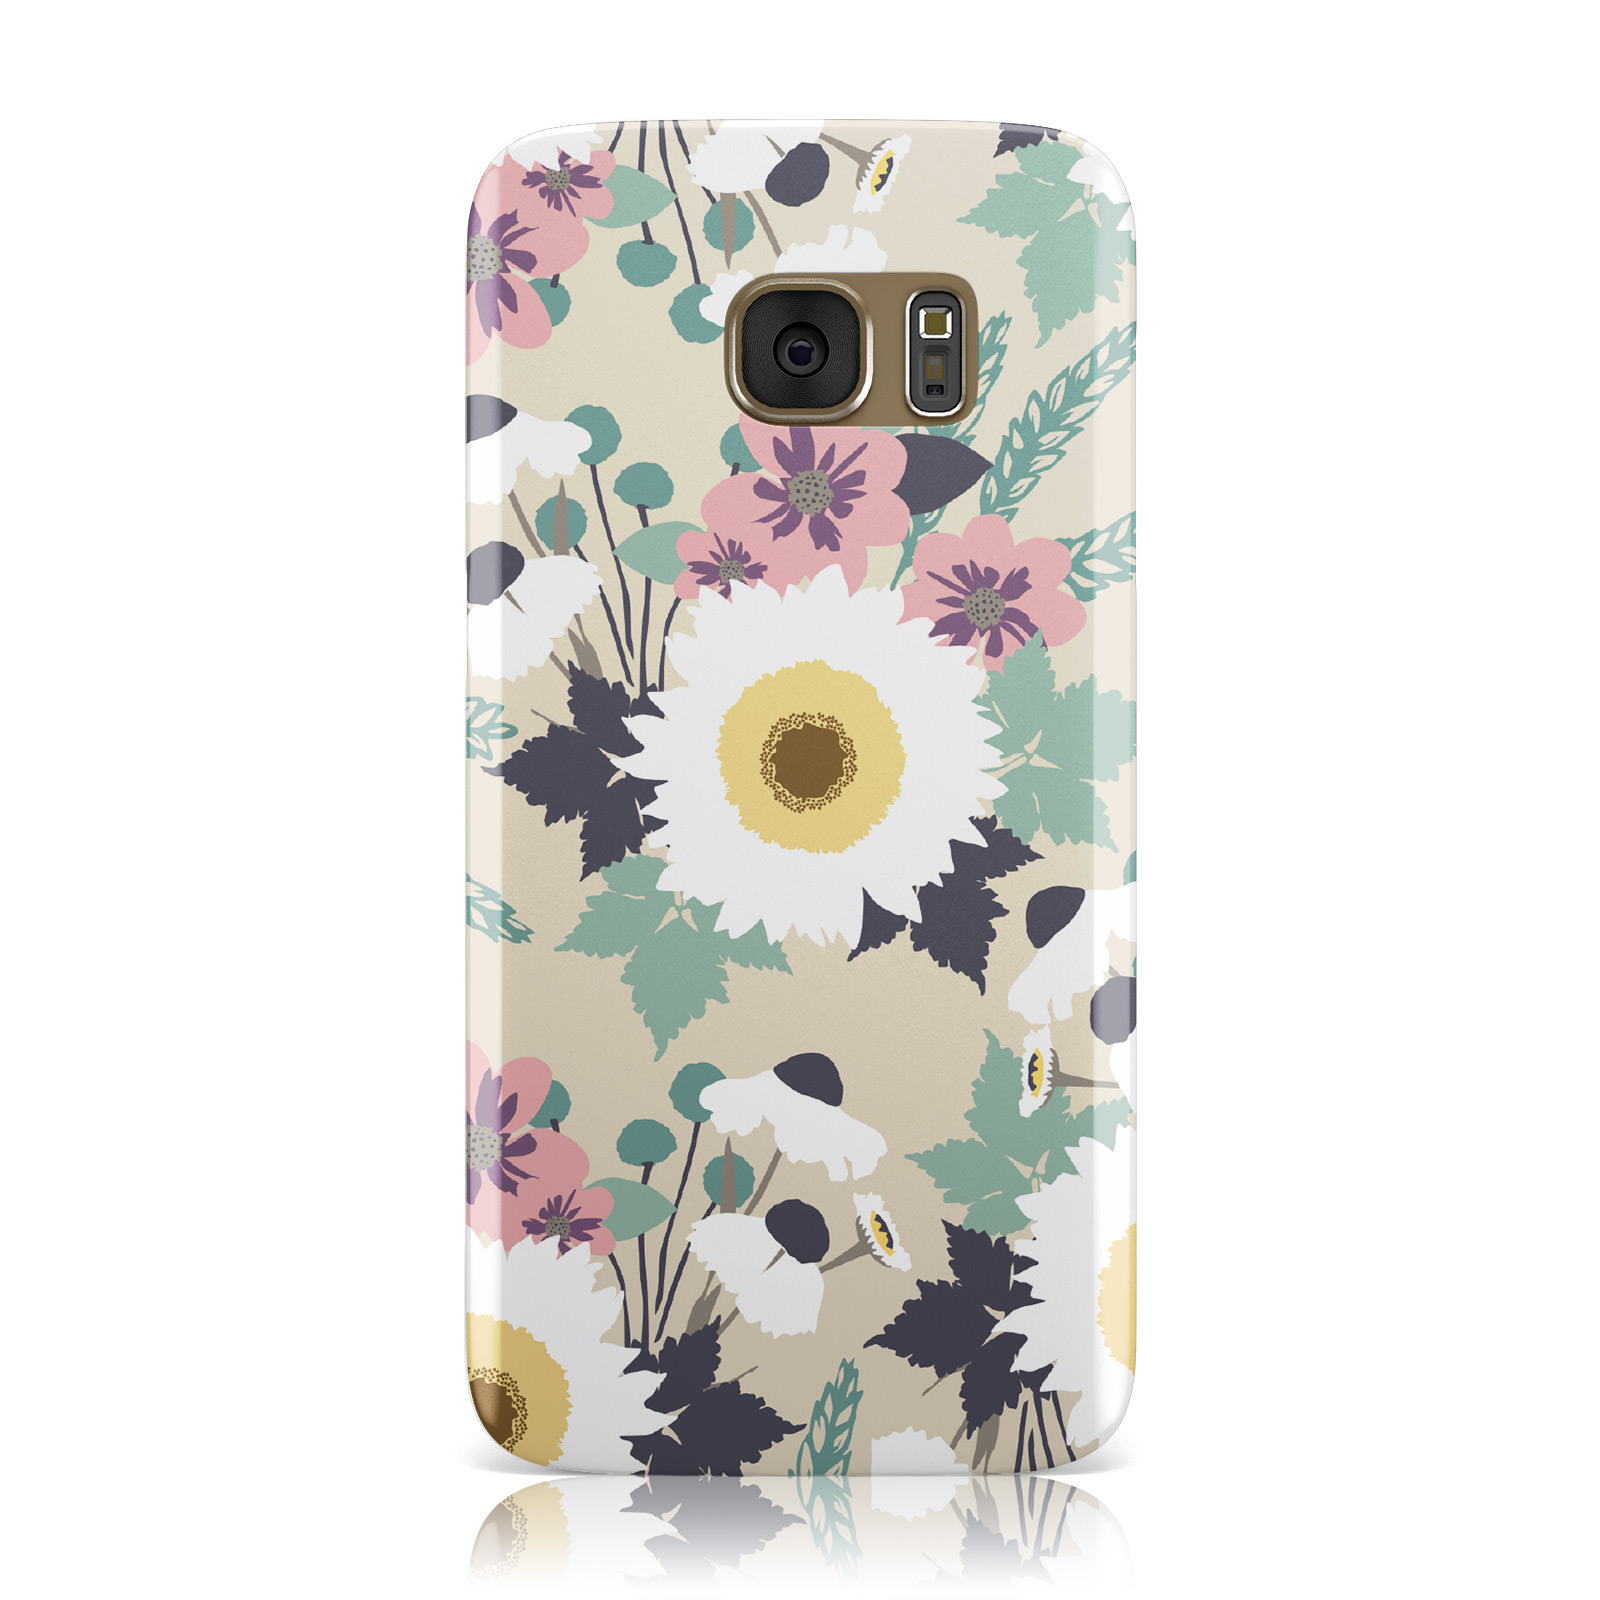 Pastel-Estampado-Floral-Vintage-Crema-Funda-para-Samsung-Galaxy